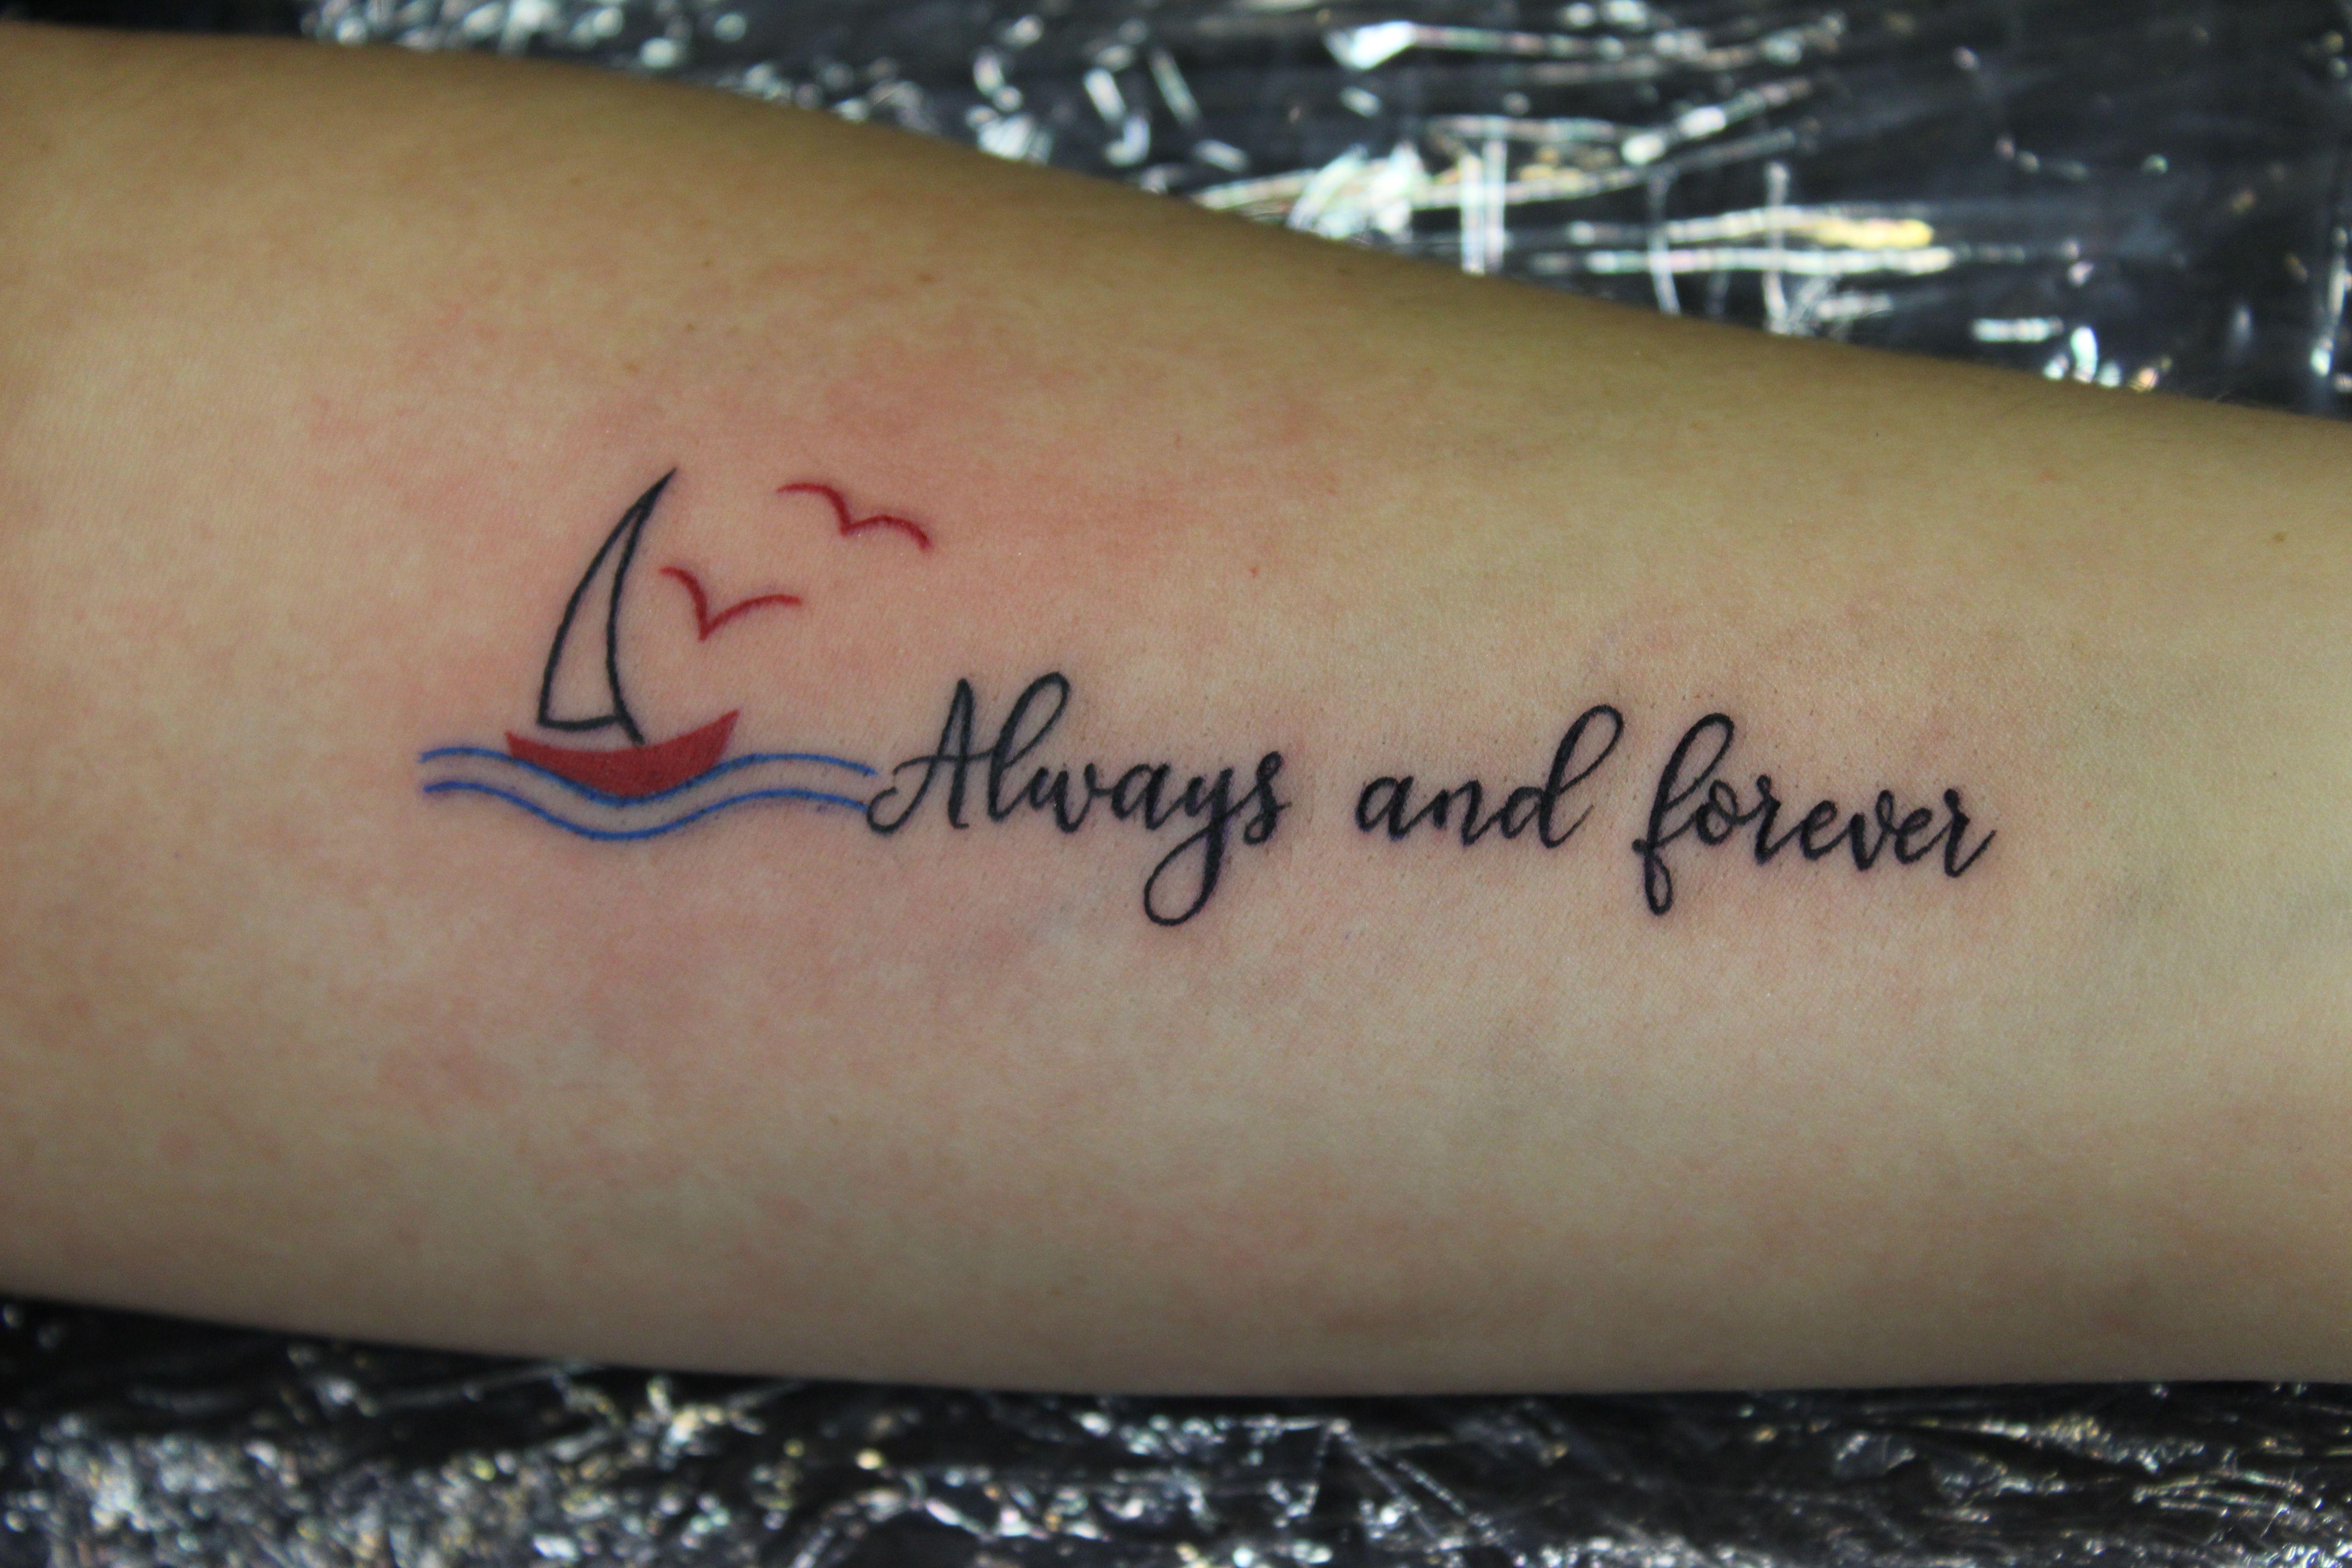 tetoválás szövegek idézetek westend_tattoo #westendtattooandpiercing #tattoo #text tattoo